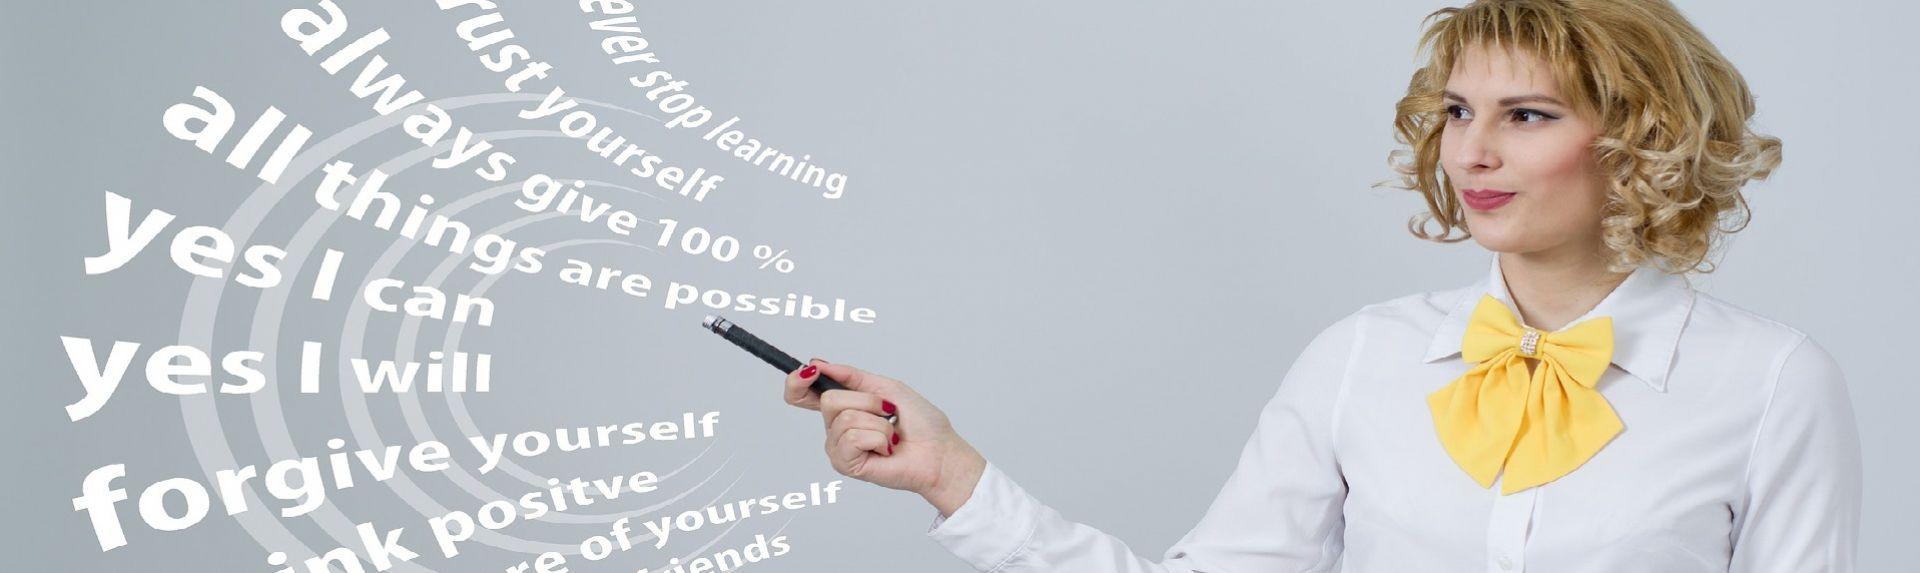 Как поменять профессию в 40 лет женщине?